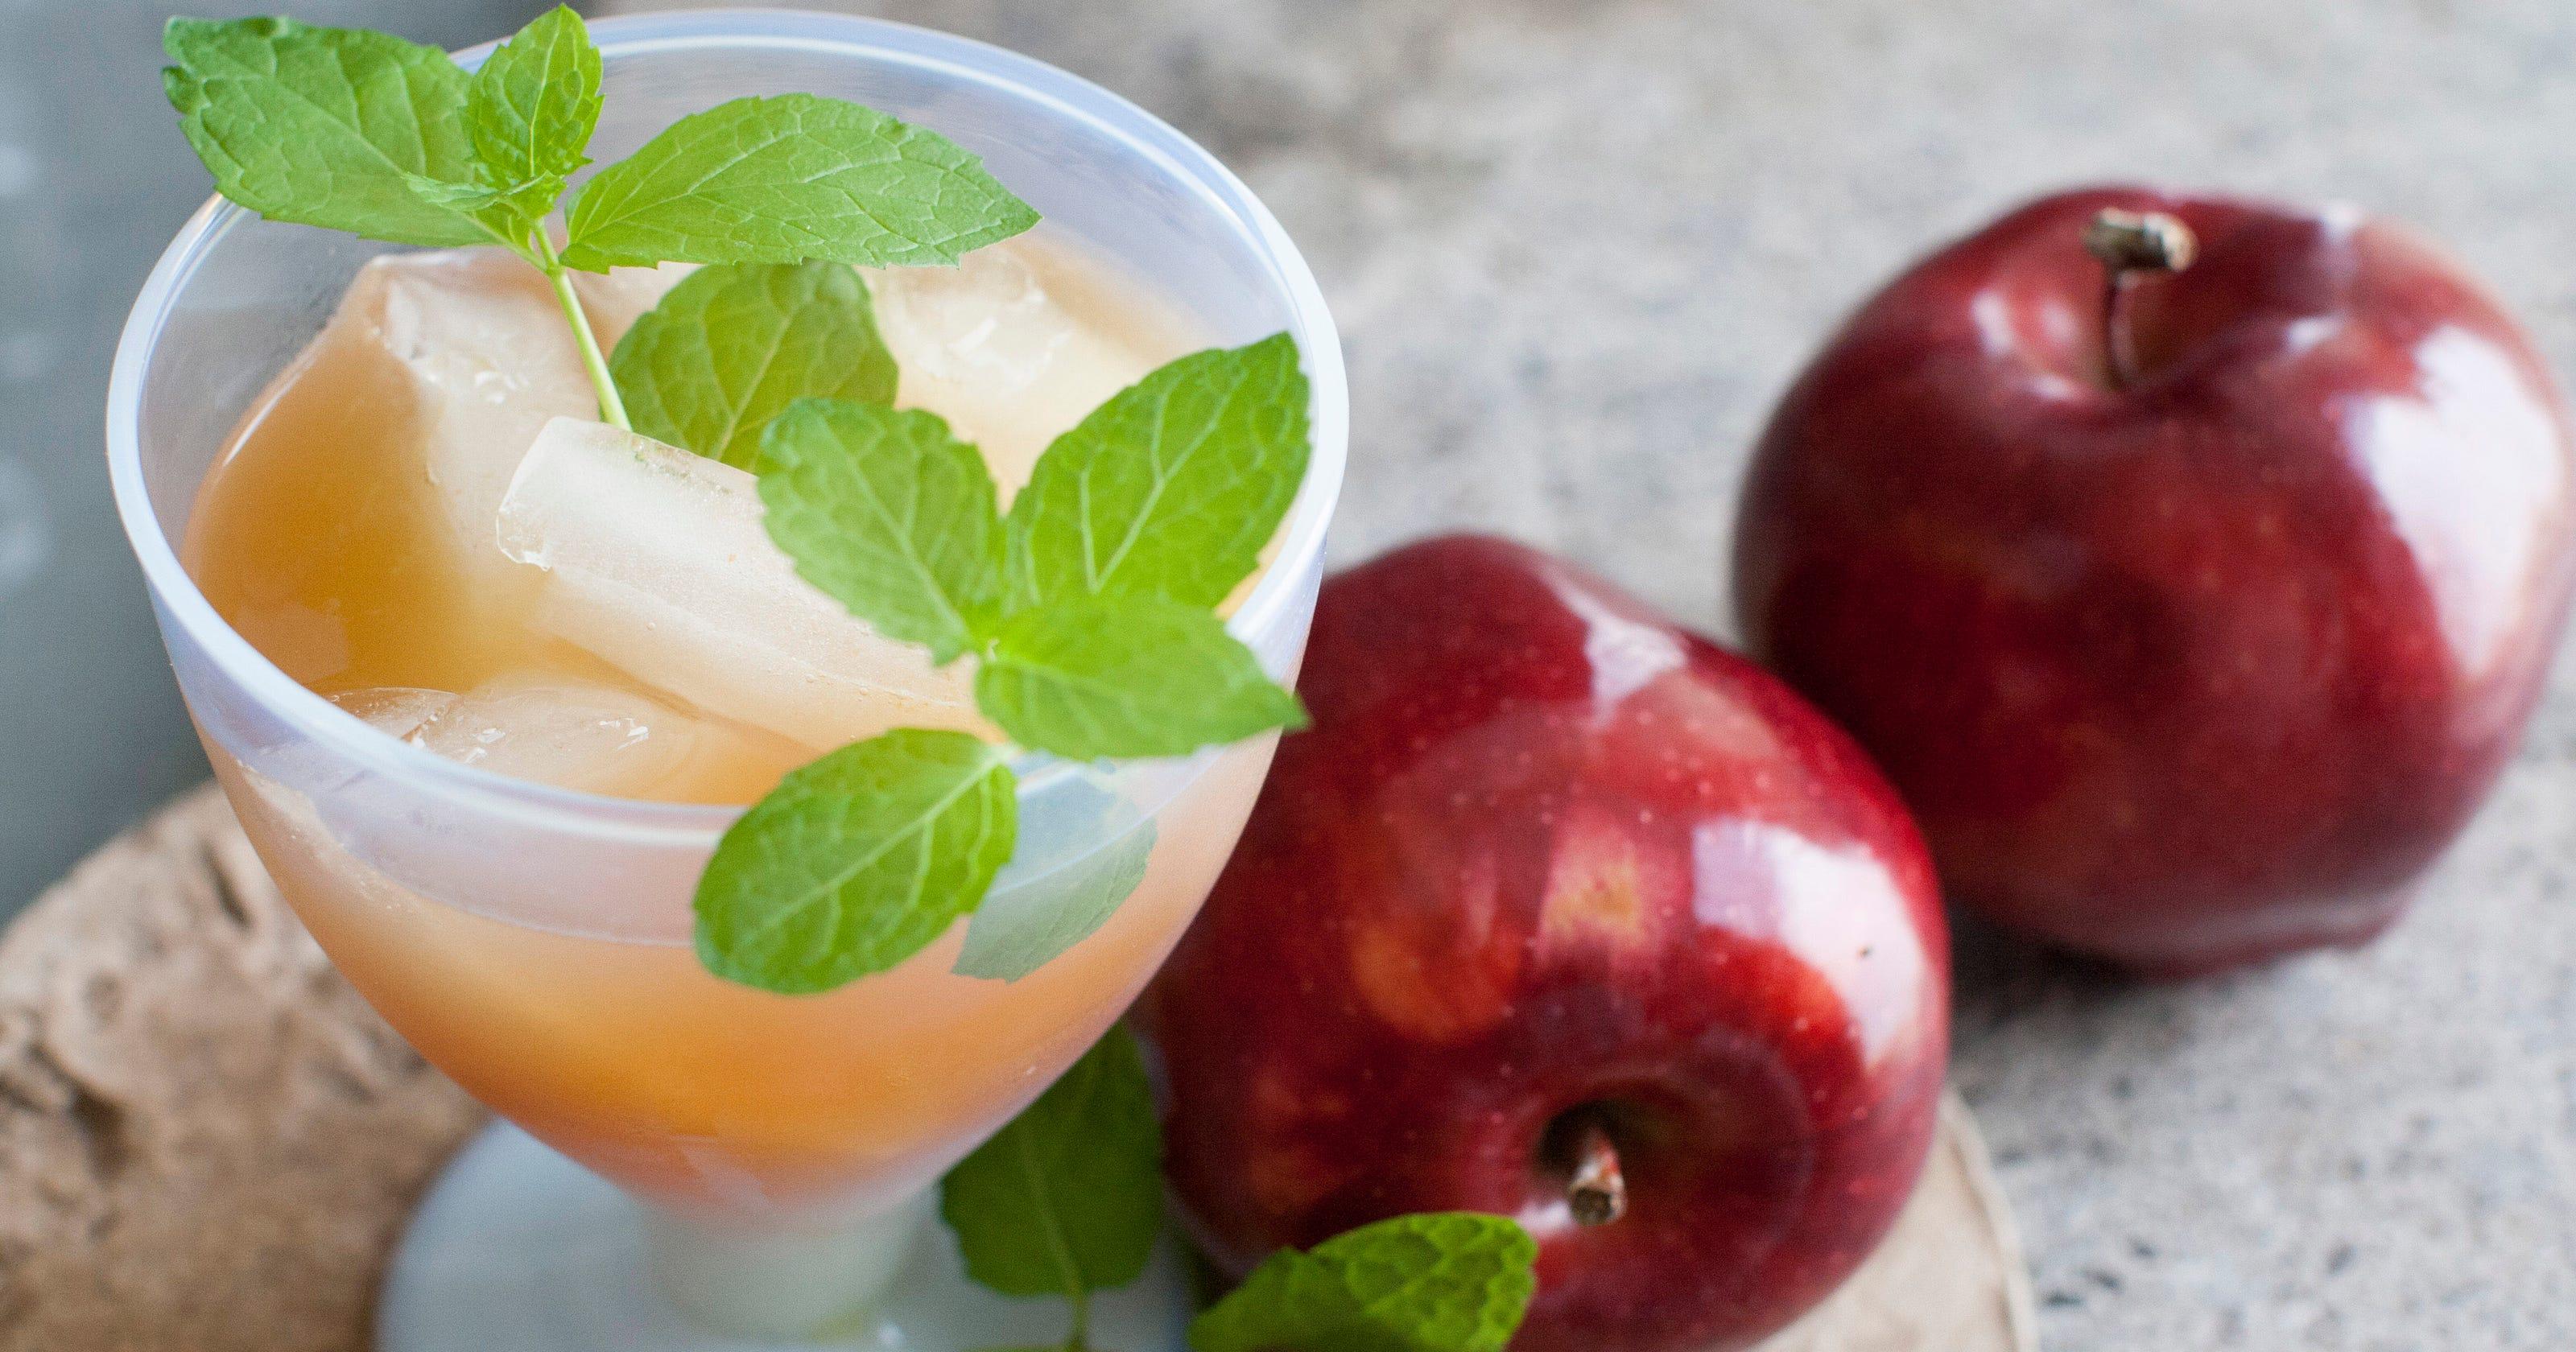 Cider, calvados stoke apple beverage trend